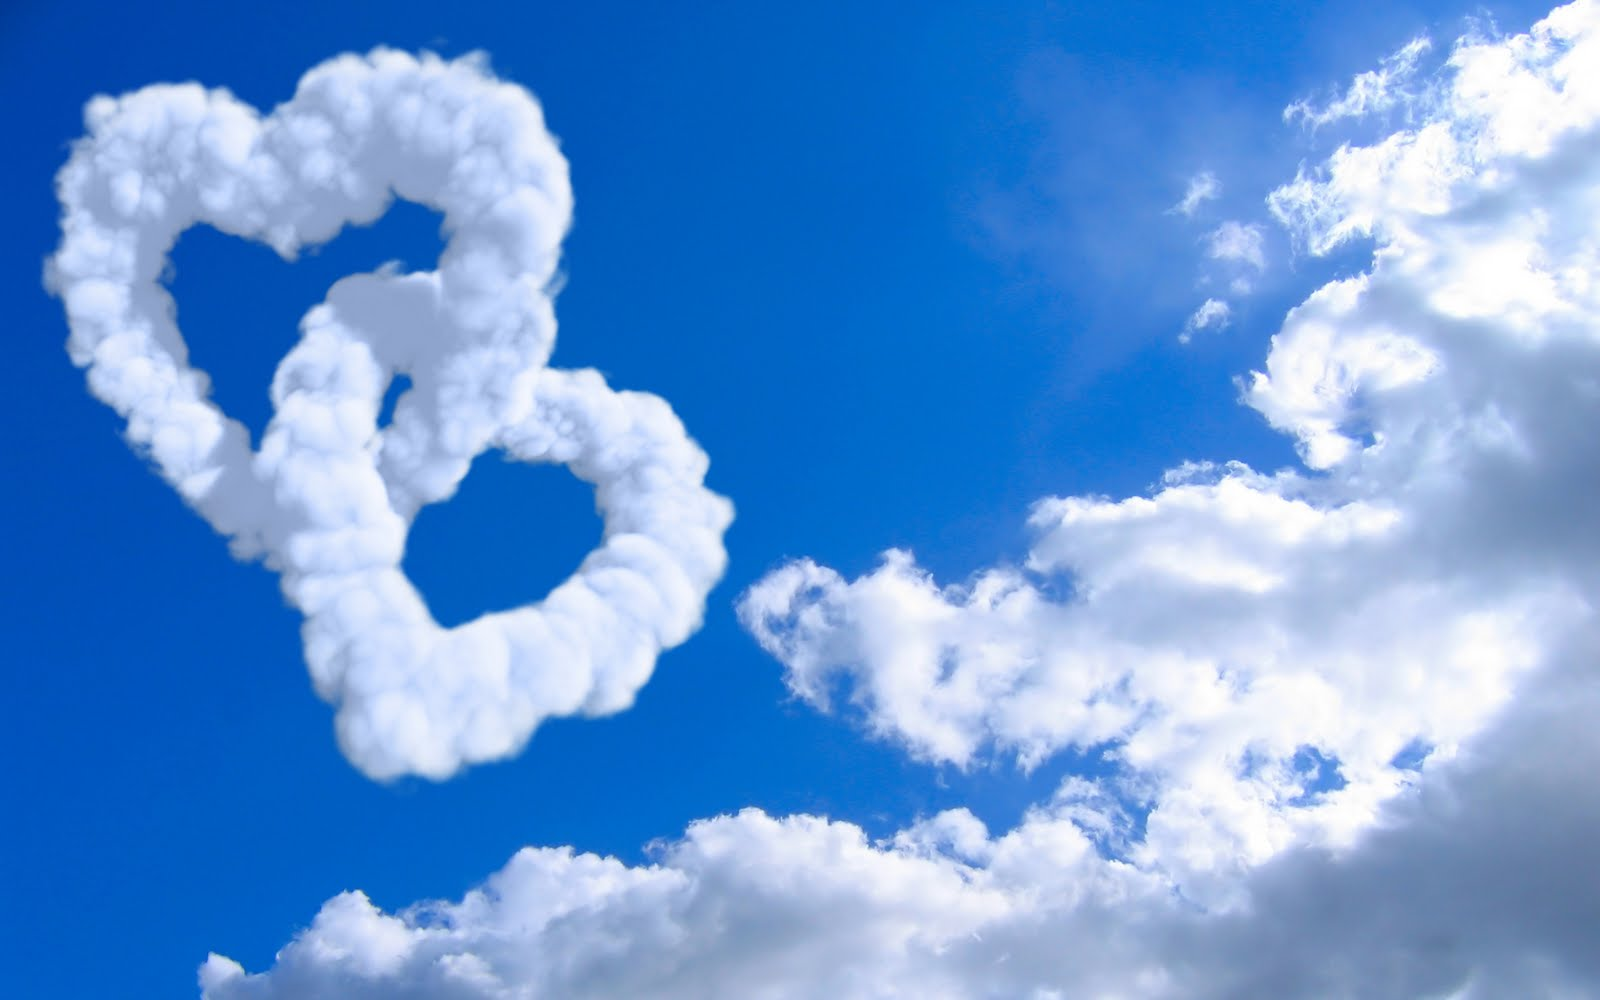 http://3.bp.blogspot.com/-_vYOfjMoNAY/Tb6x9eqJgXI/AAAAAAAAAFM/Db4adOwfido/s1600/wallpaper-amor-love-heart-corazon-1-hd-3338.jpg